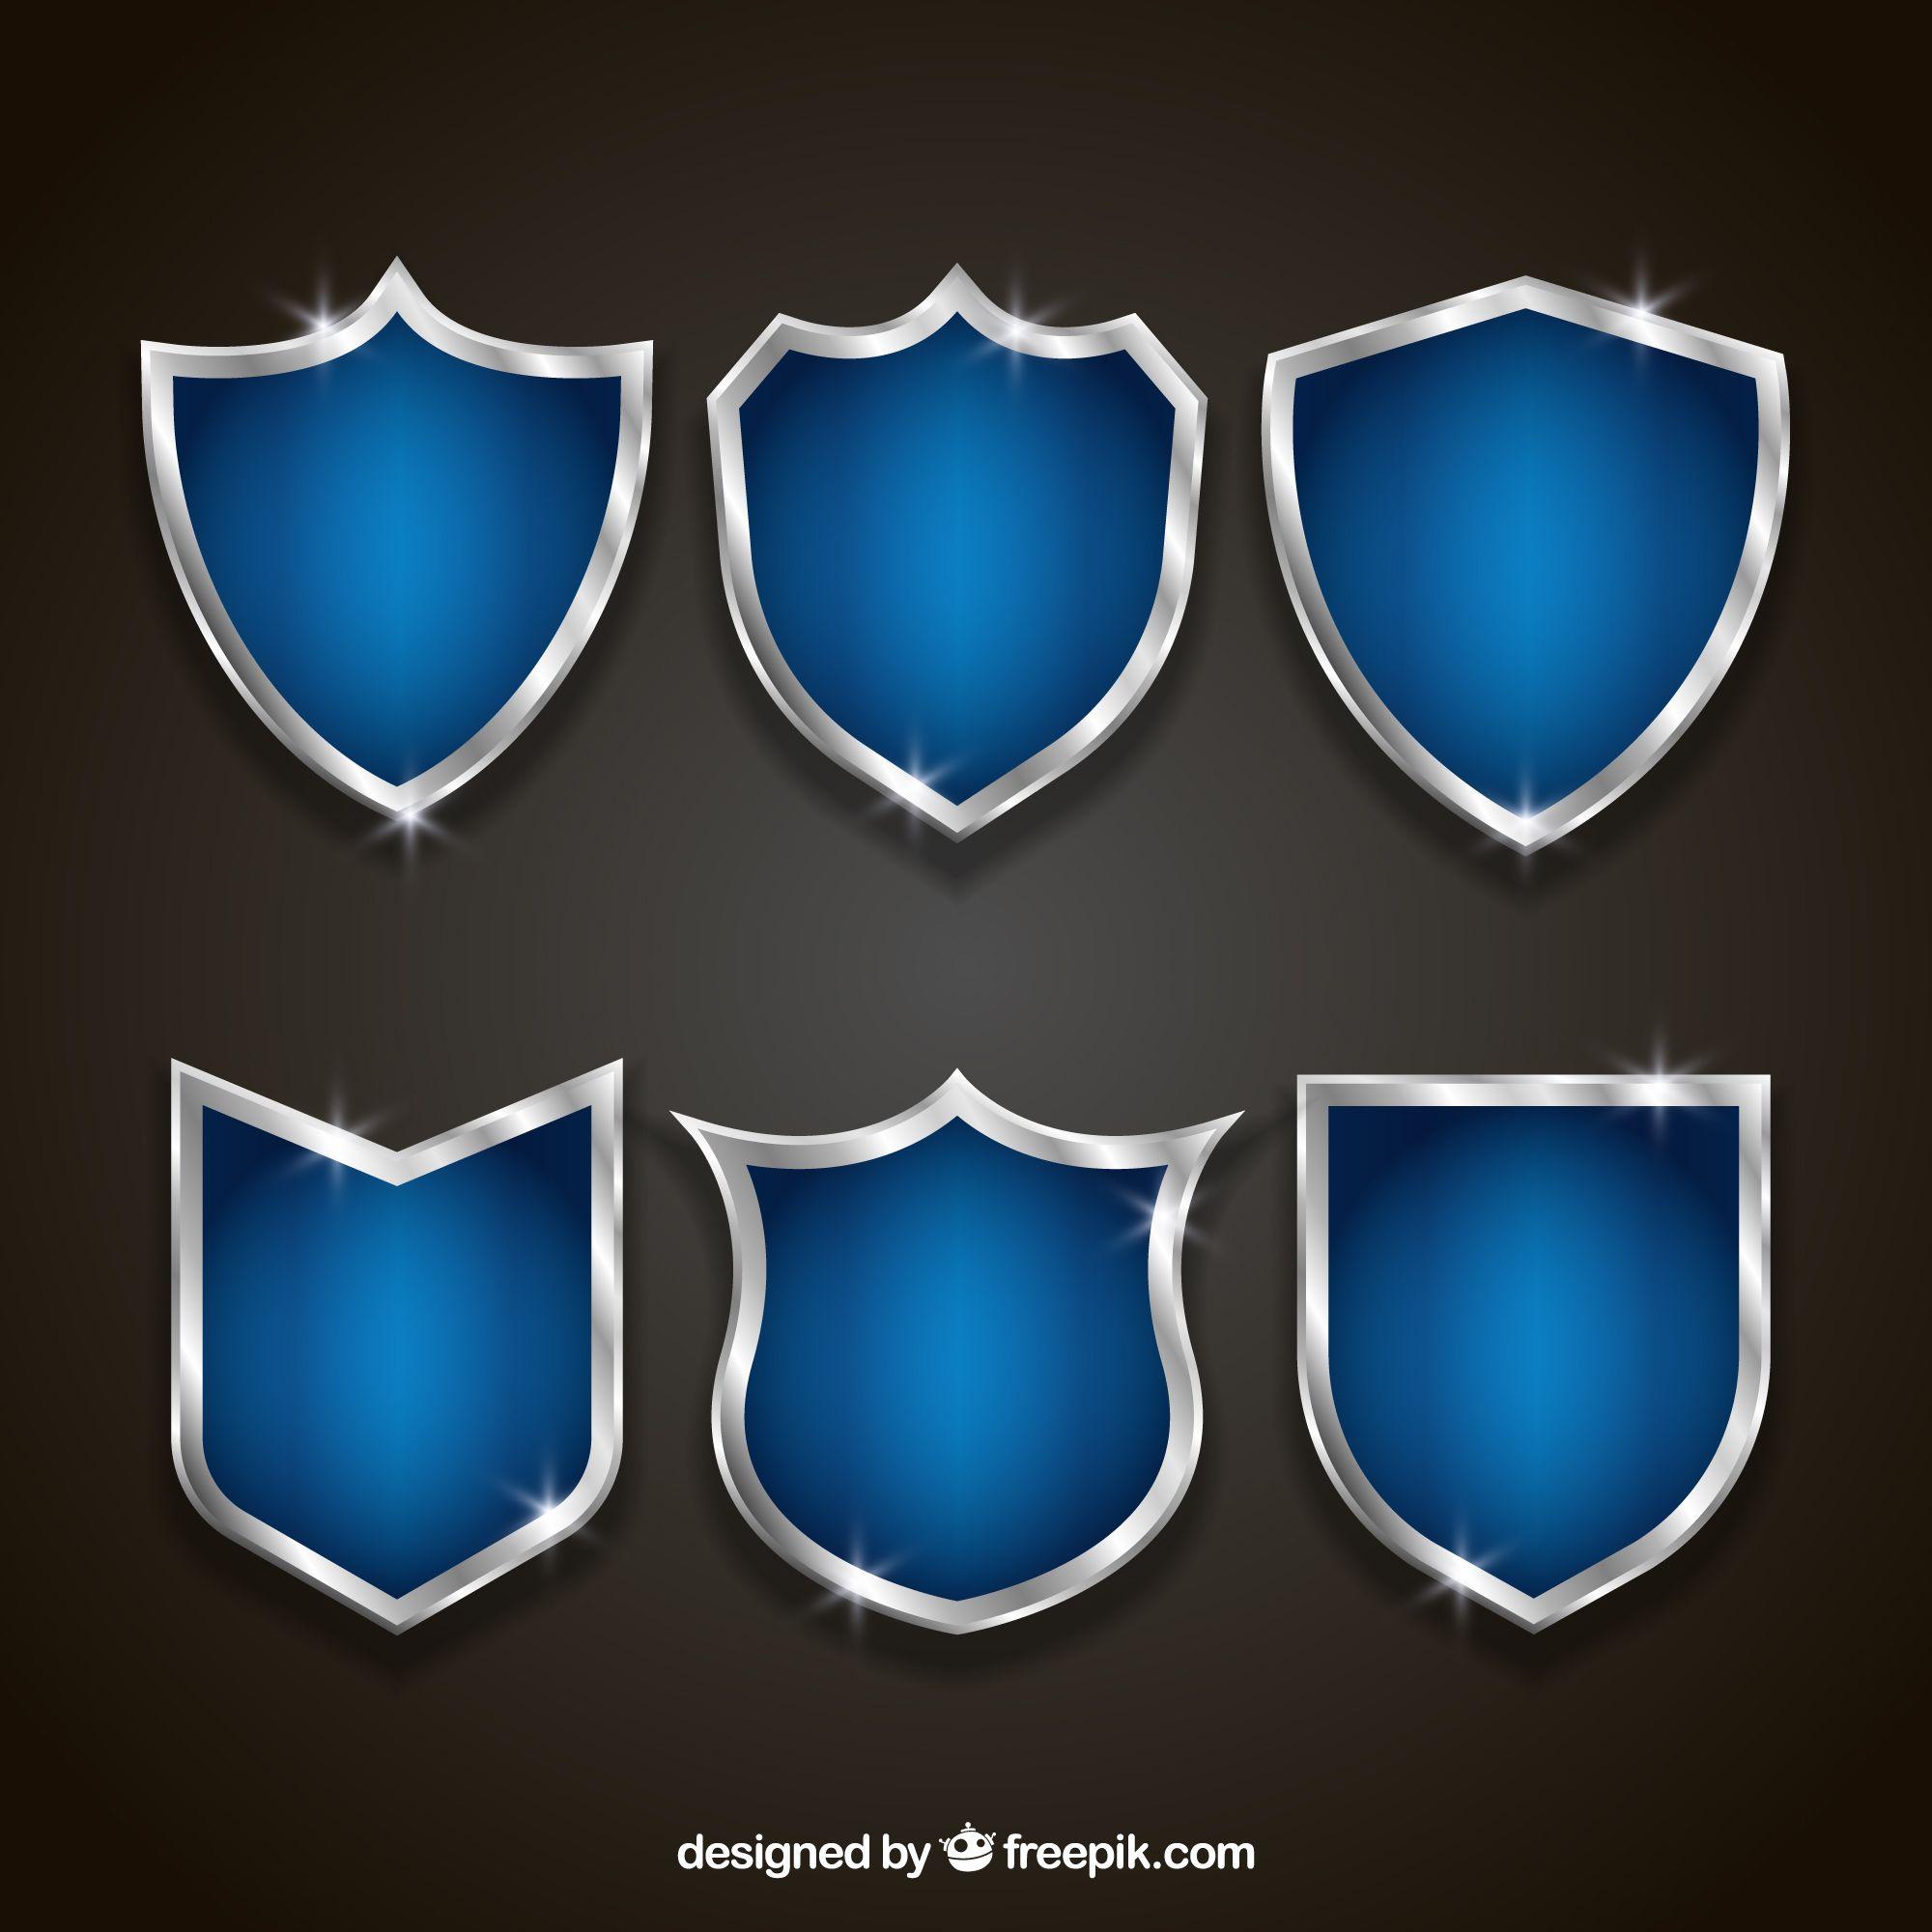 Pin by Victor Yelnikoff on Badges Designvorschläge Blue